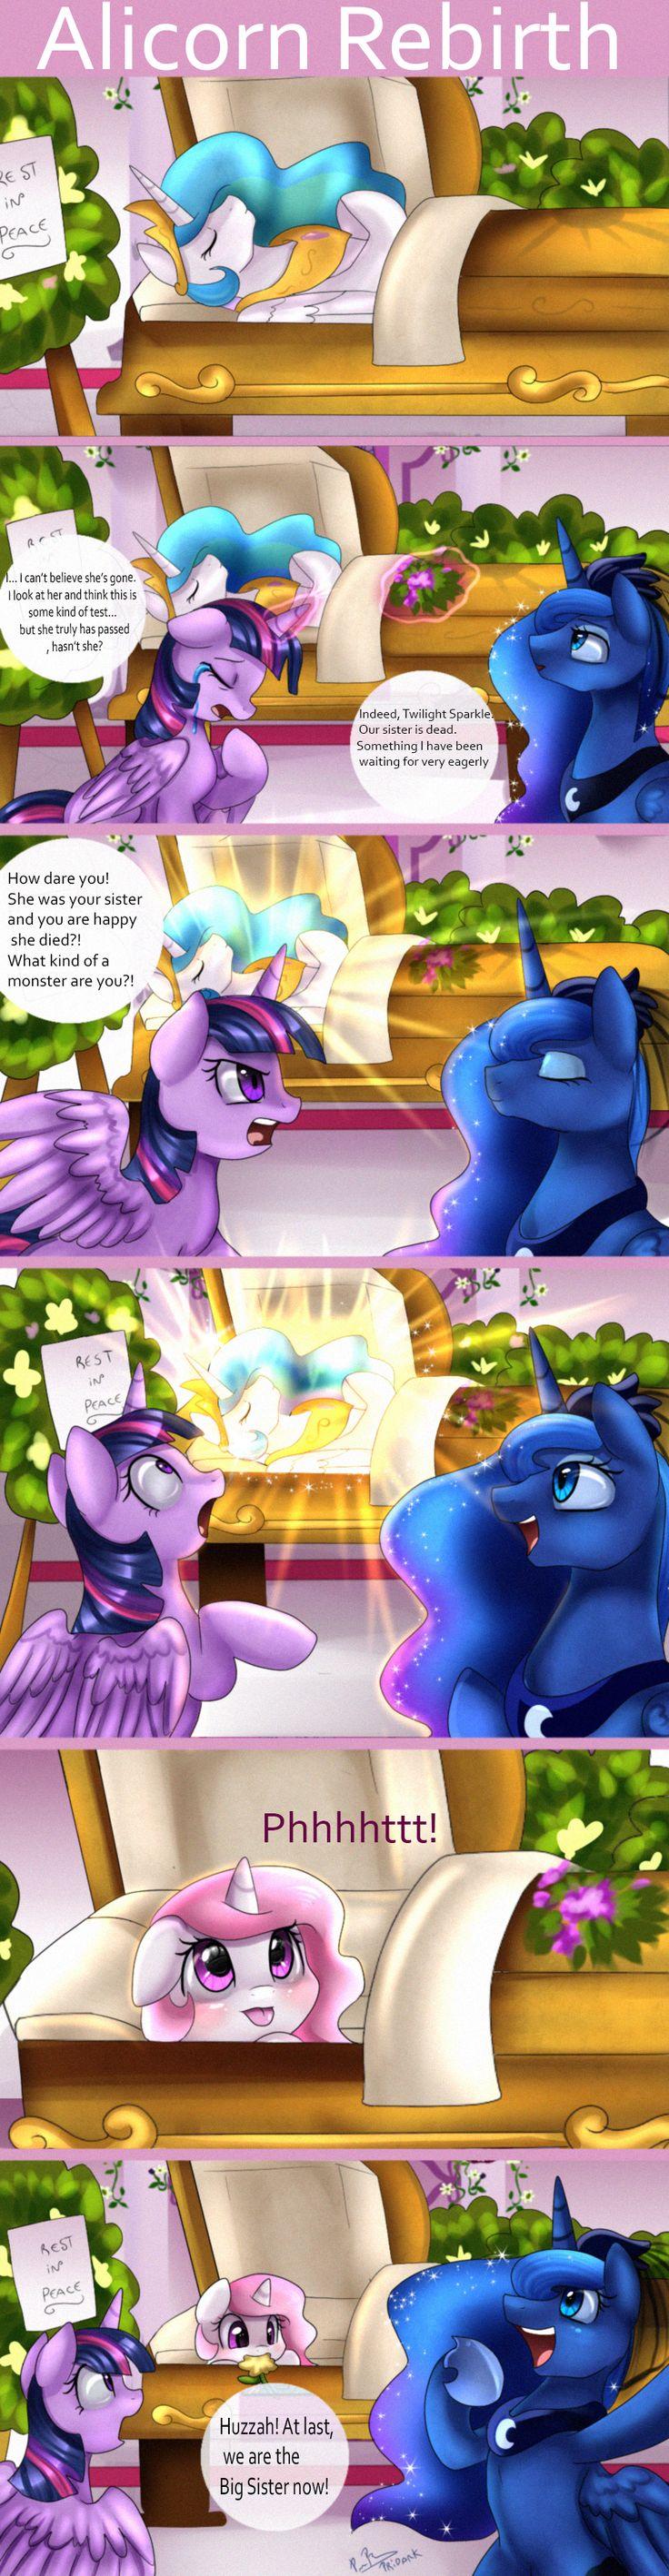 Comic: Alicorn Rebirth by pridark